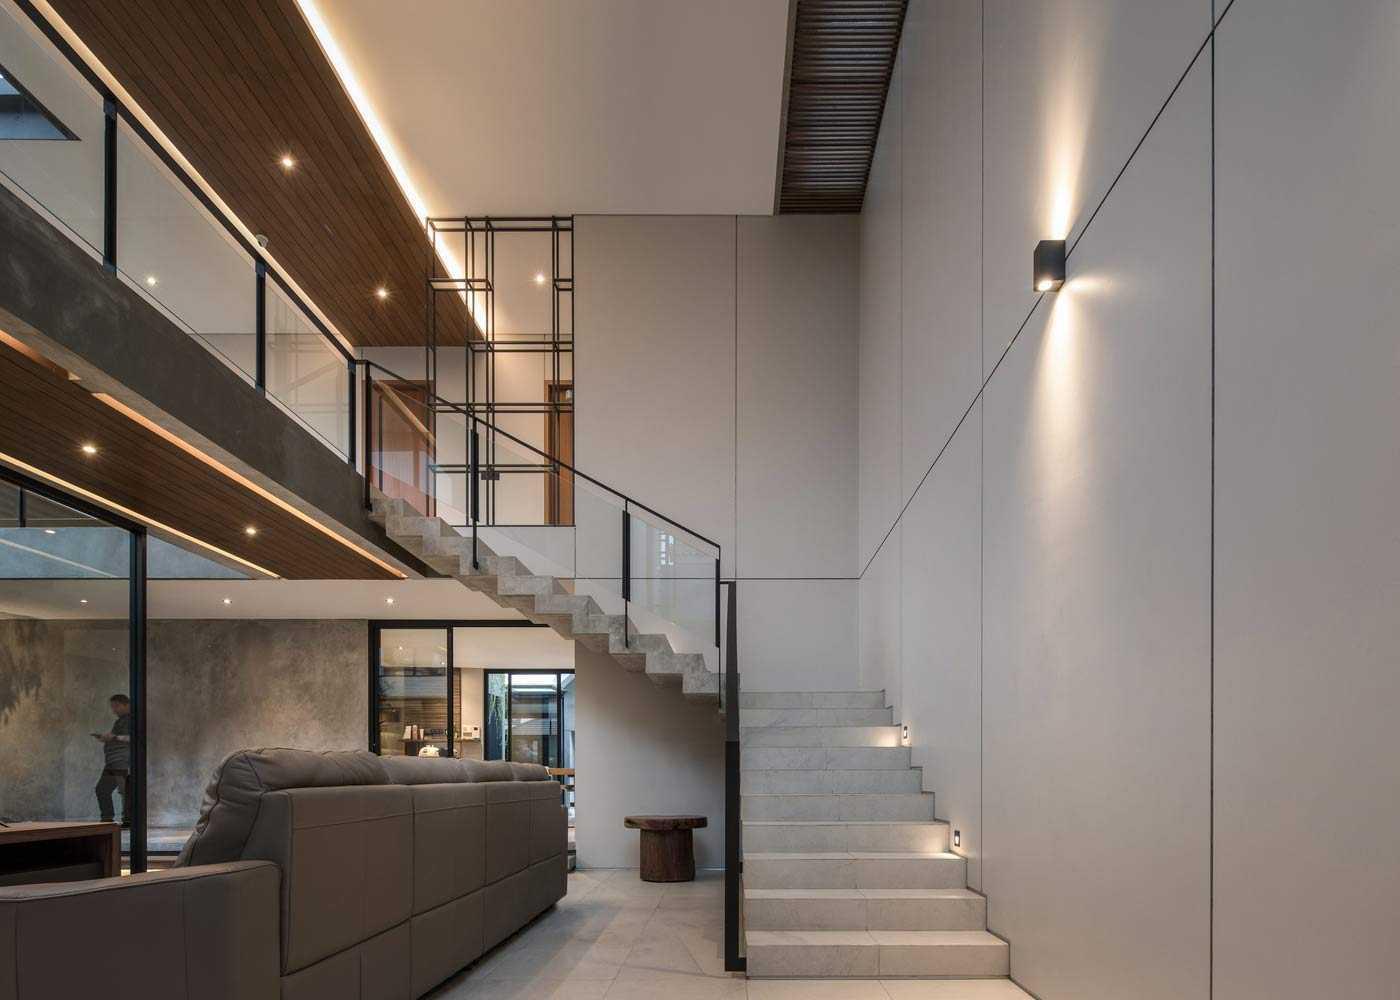 Sentuhan kayu pada plafon yang memberi kesan hangat, karya RuangRona, visarchdaily.com